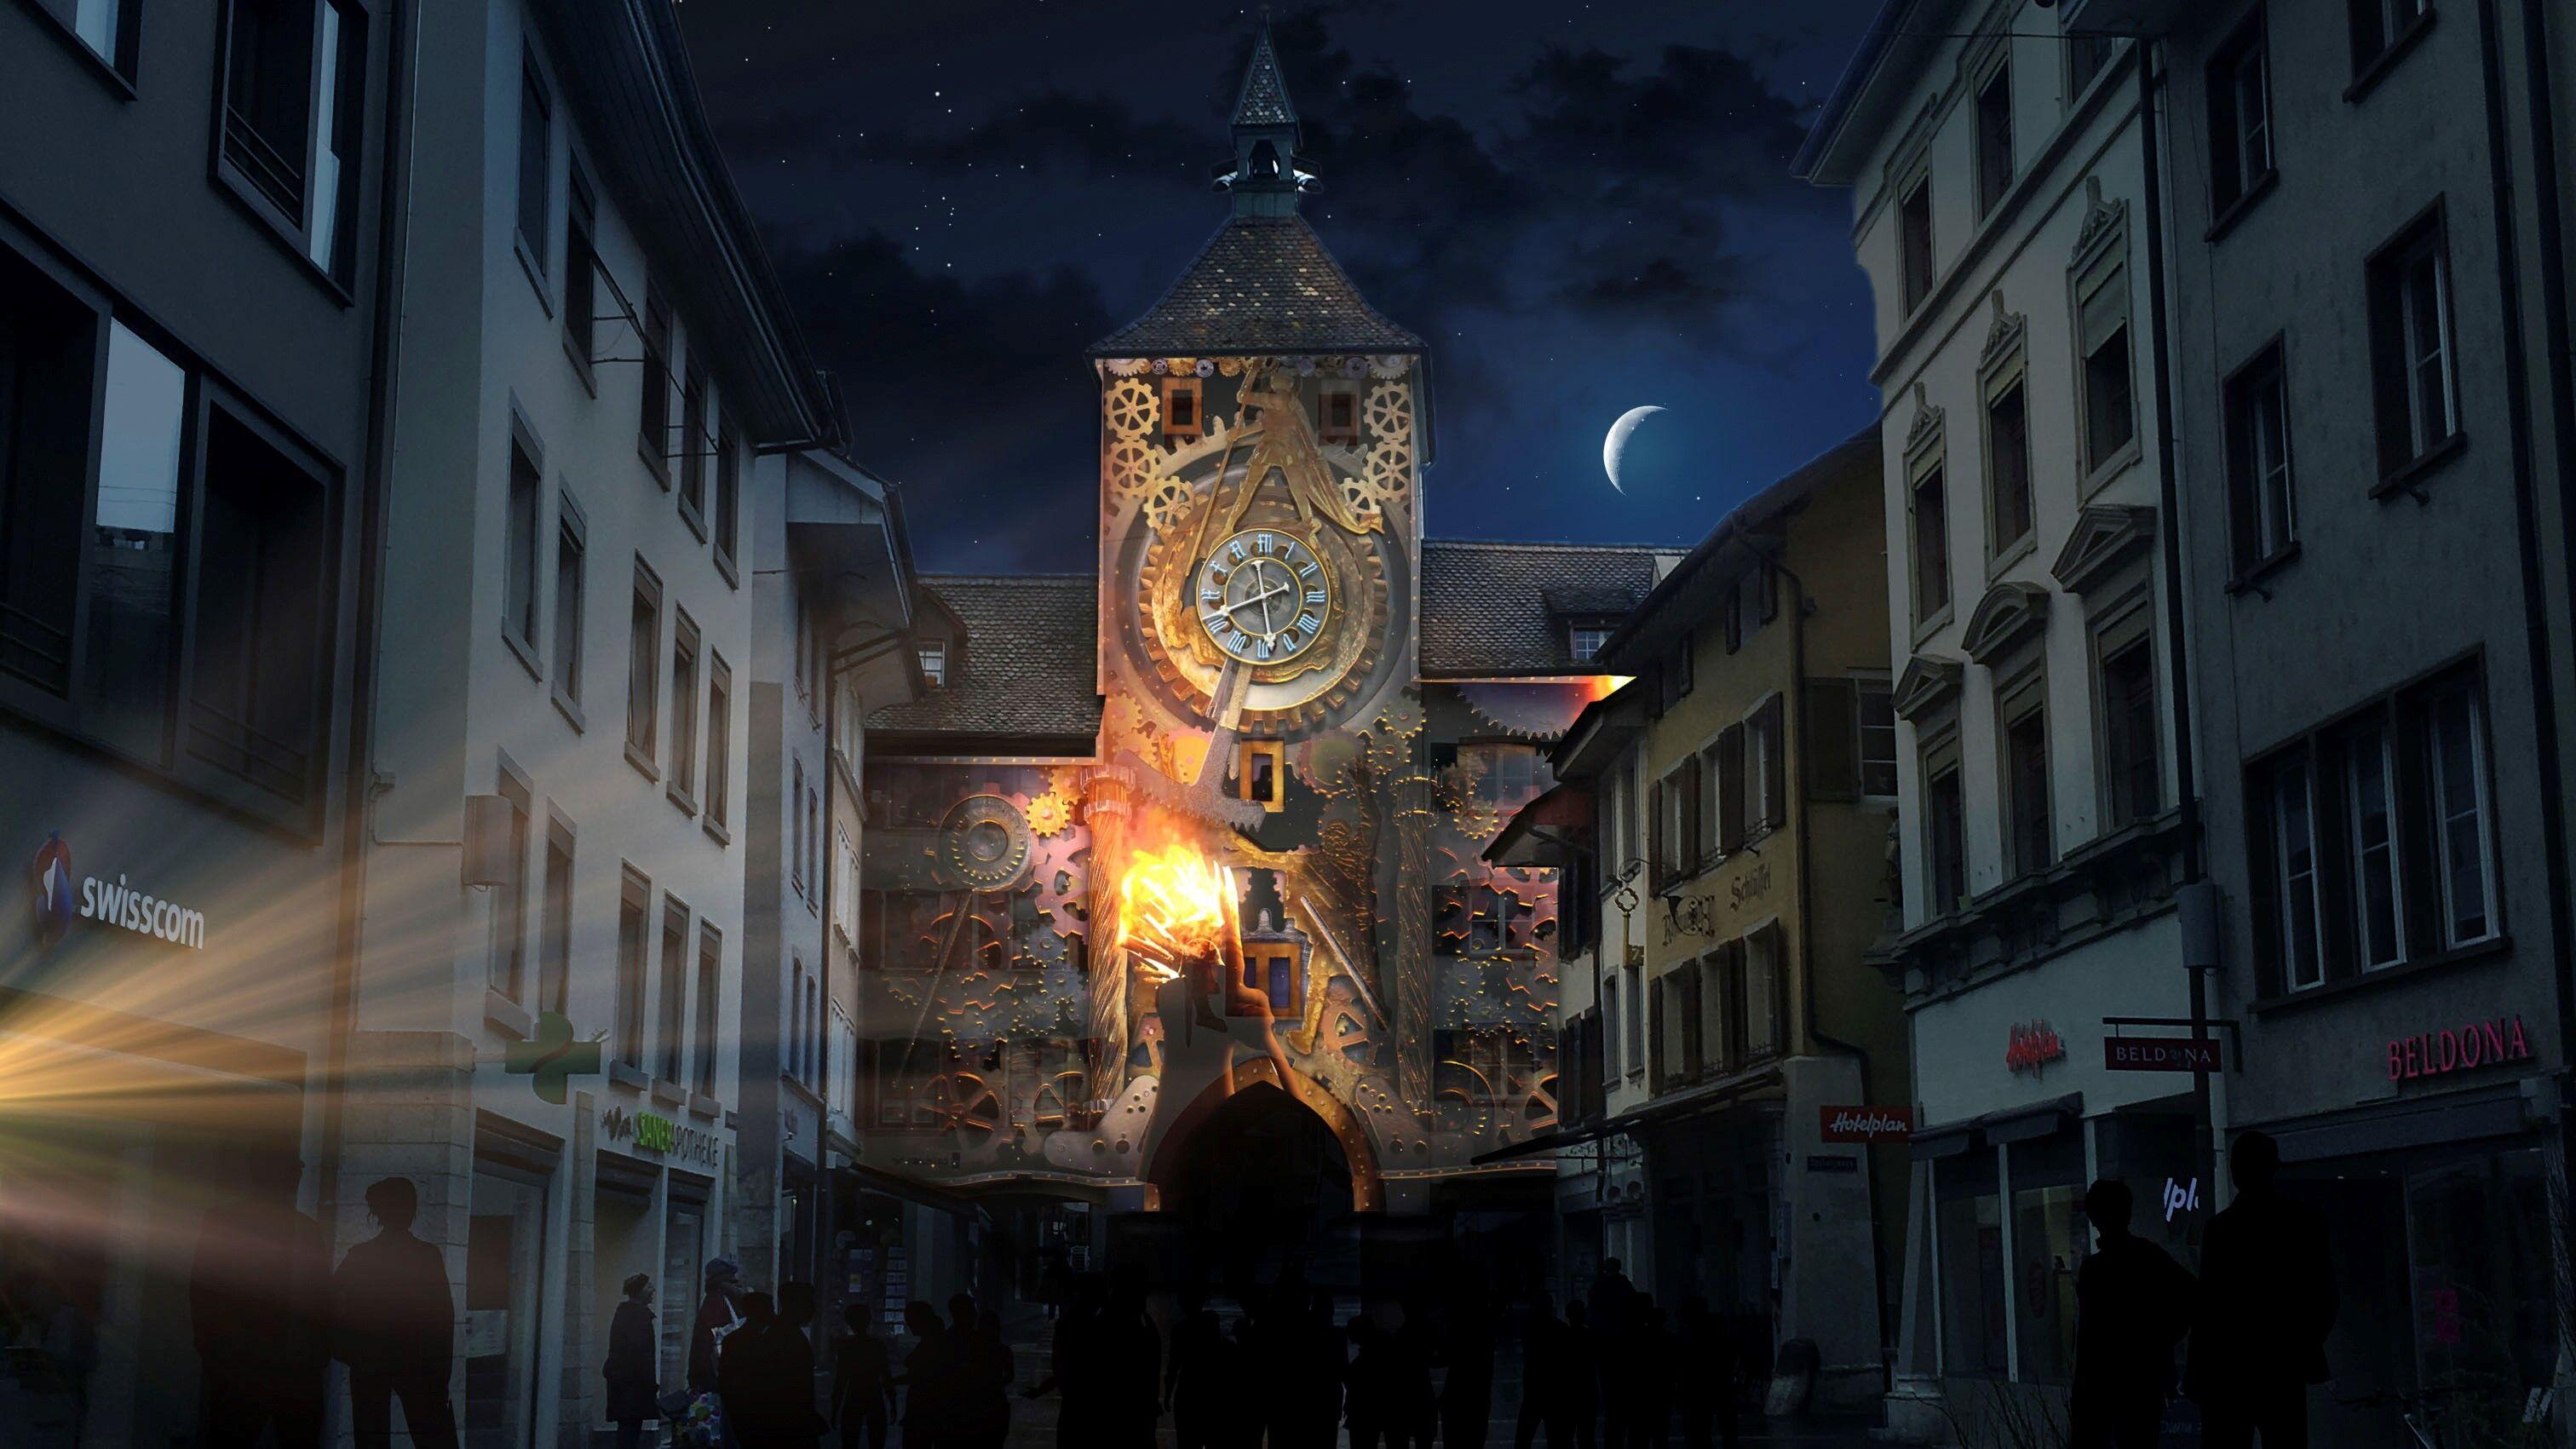 Stadtfest Liestal